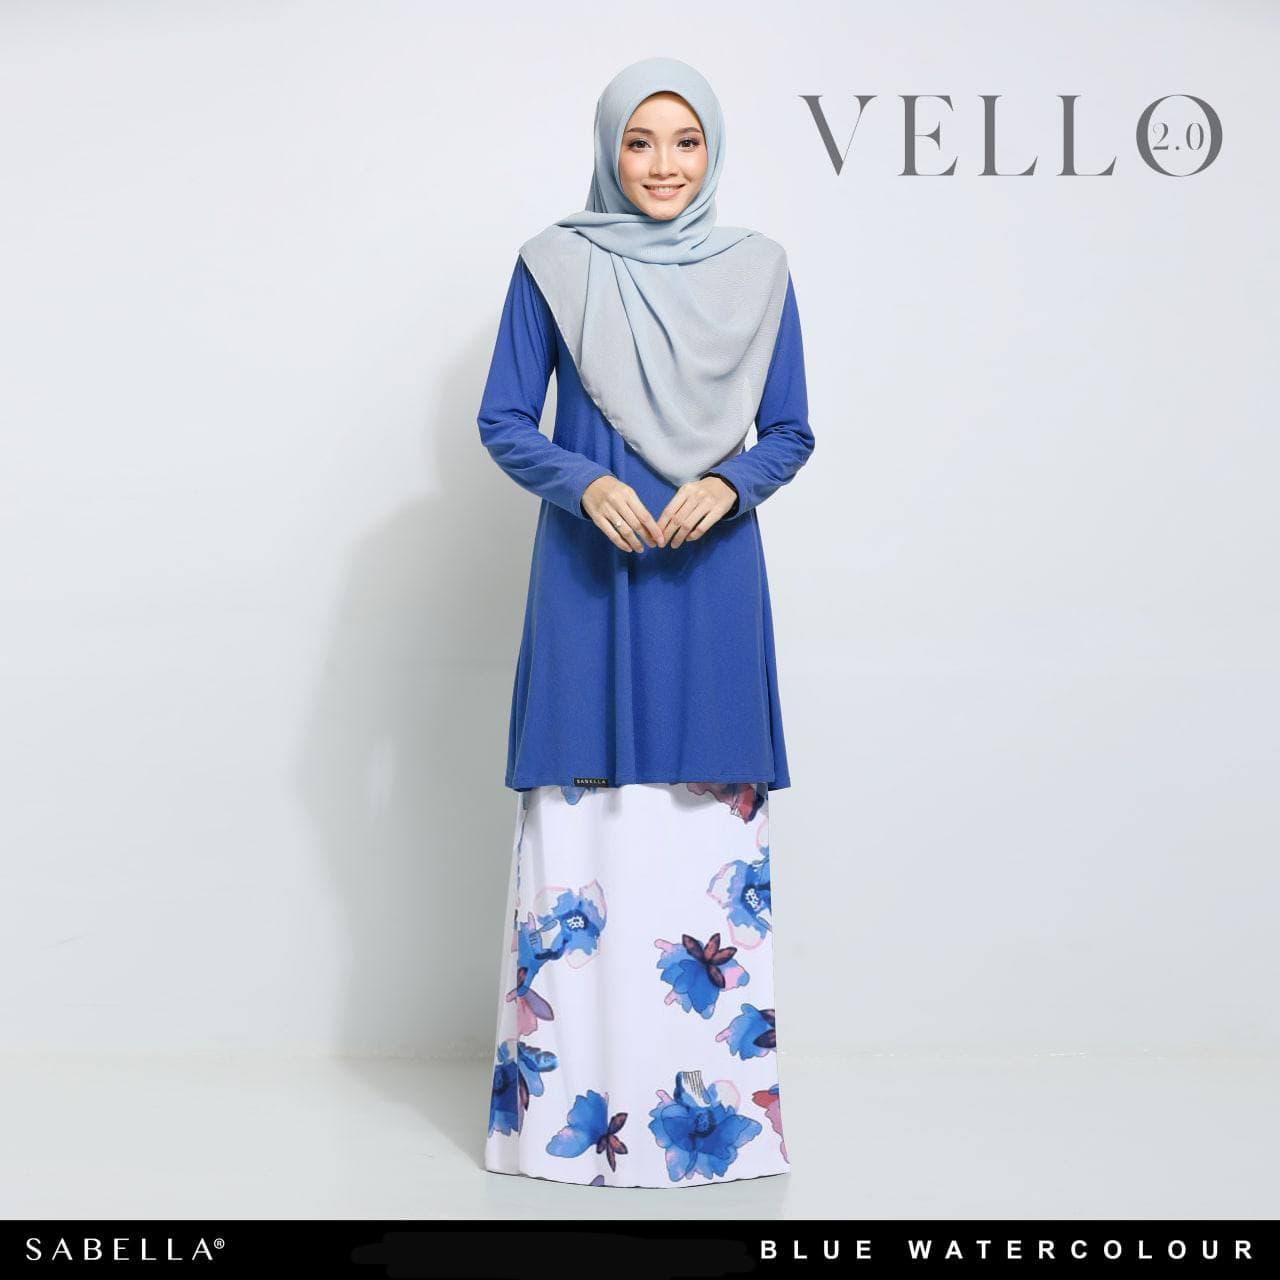 Vello 2.0 Blue Watercolour